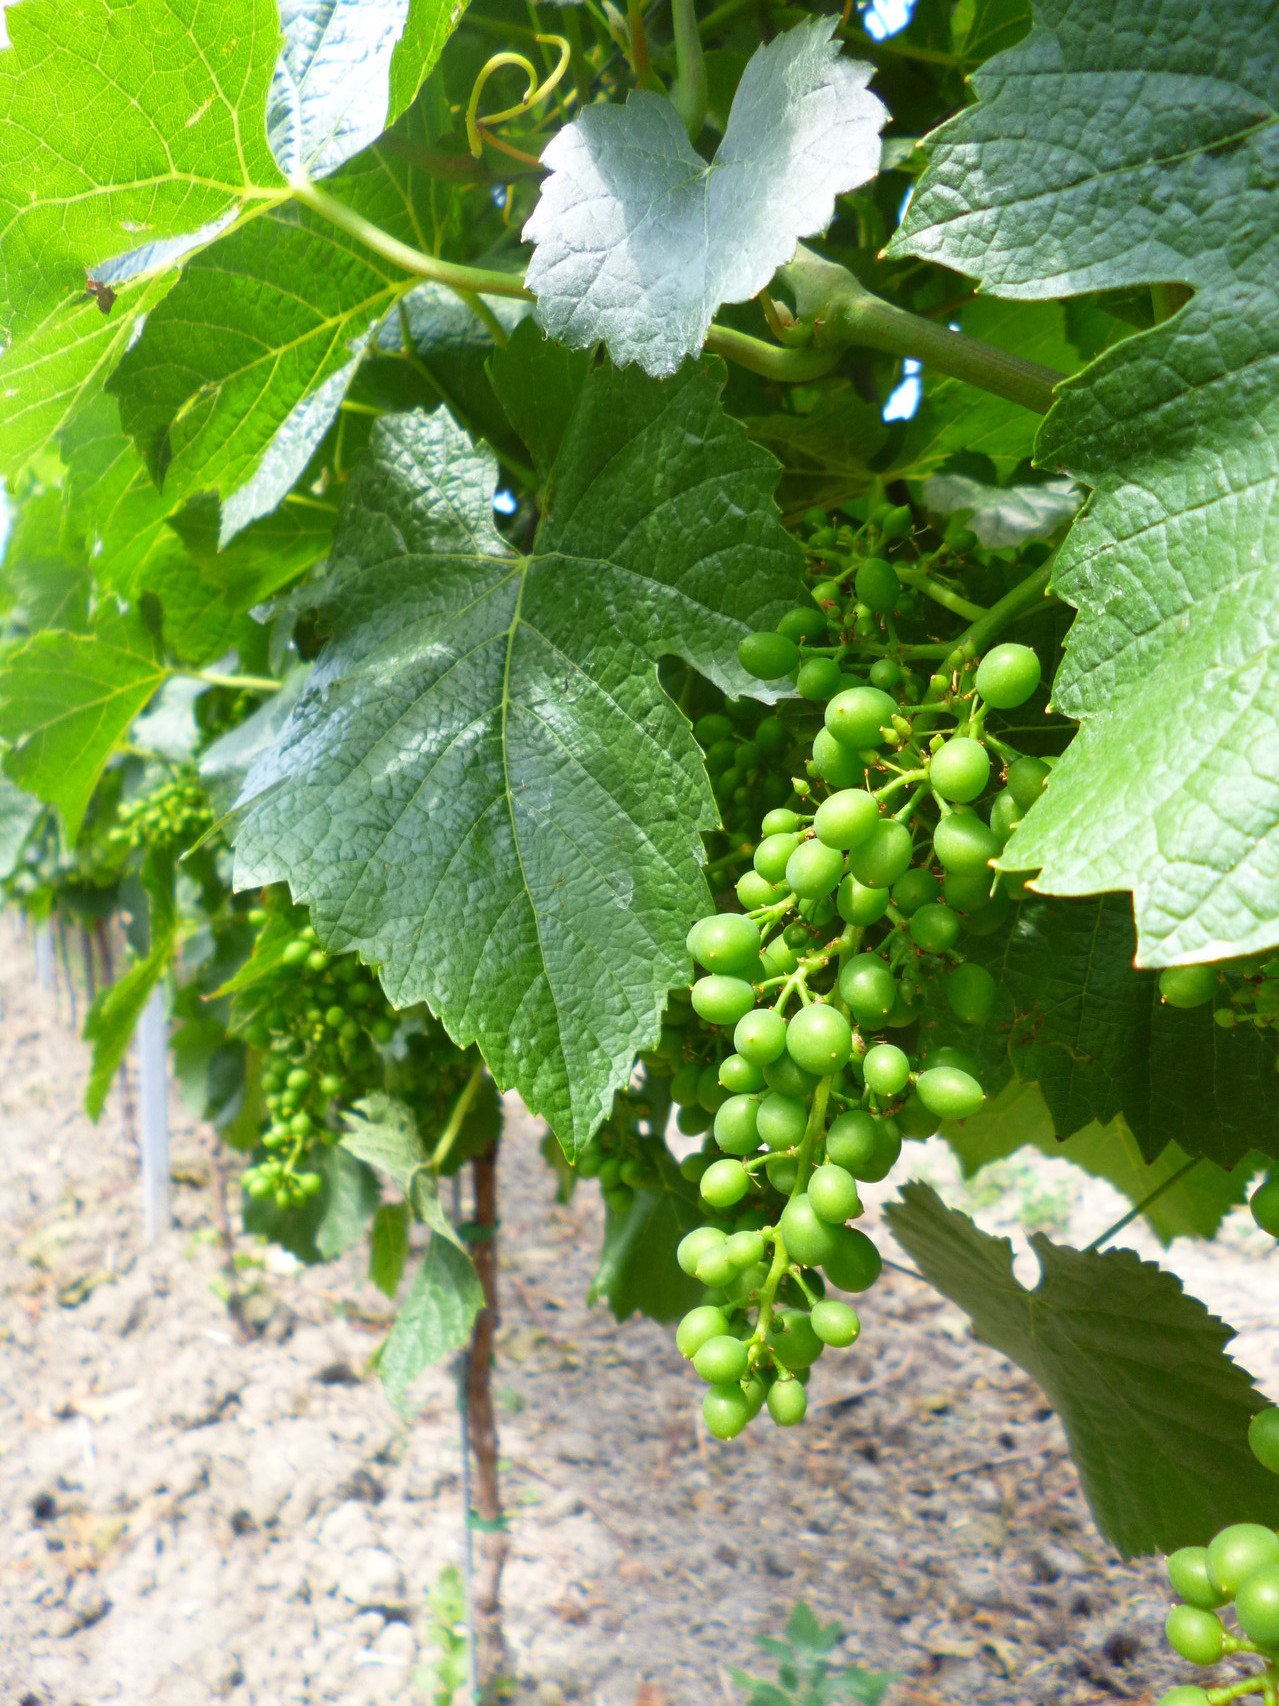 Schrotkorngröße der wachsenden Trauben